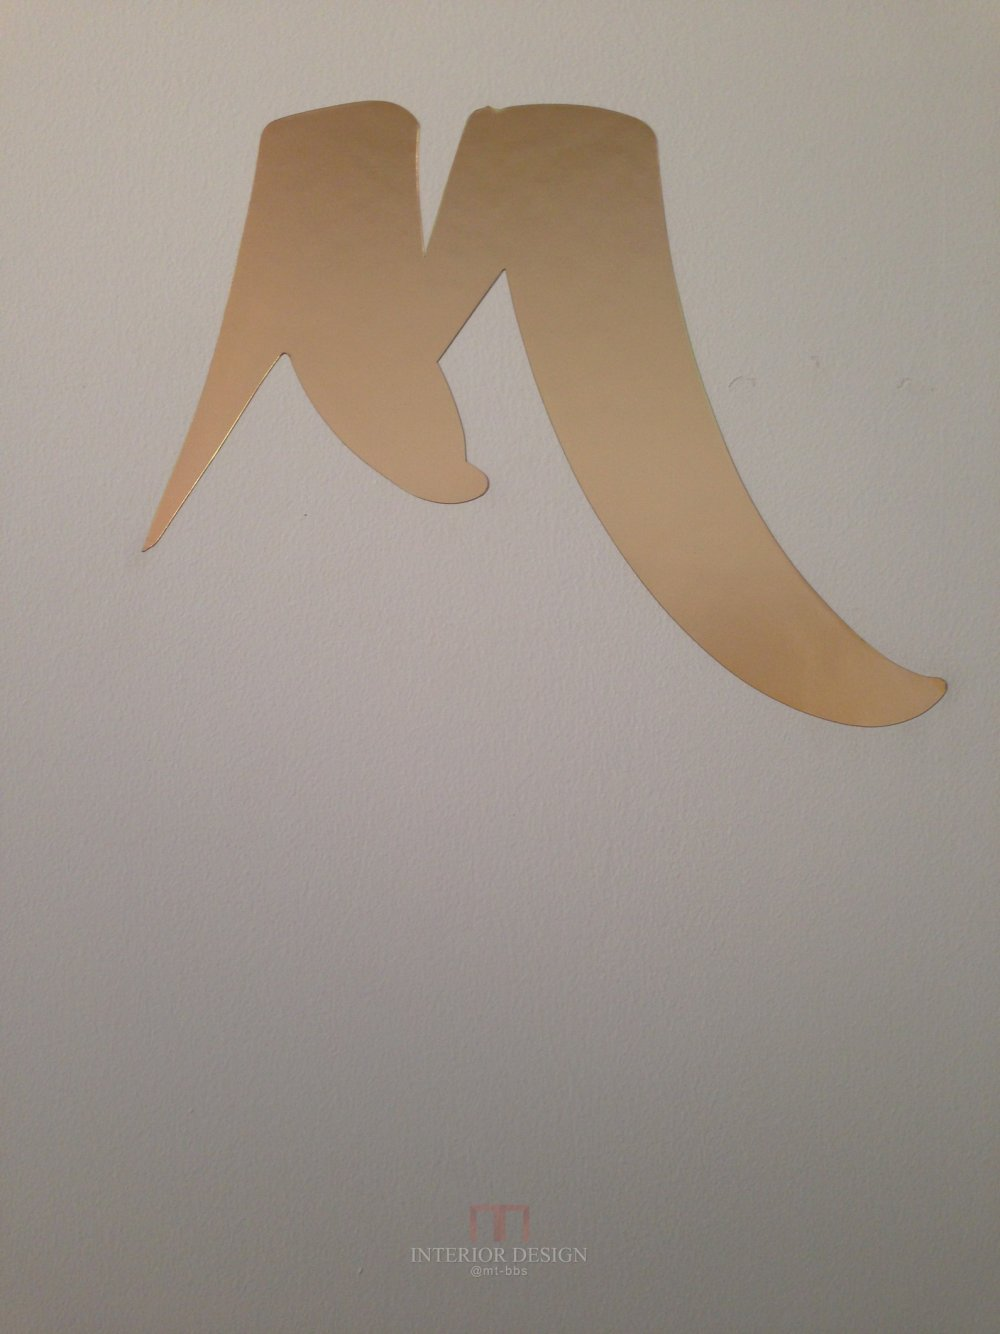 日本美秀美术馆MIHO MUSEUM自拍分享-贝聿铭_IMG_7265.JPG